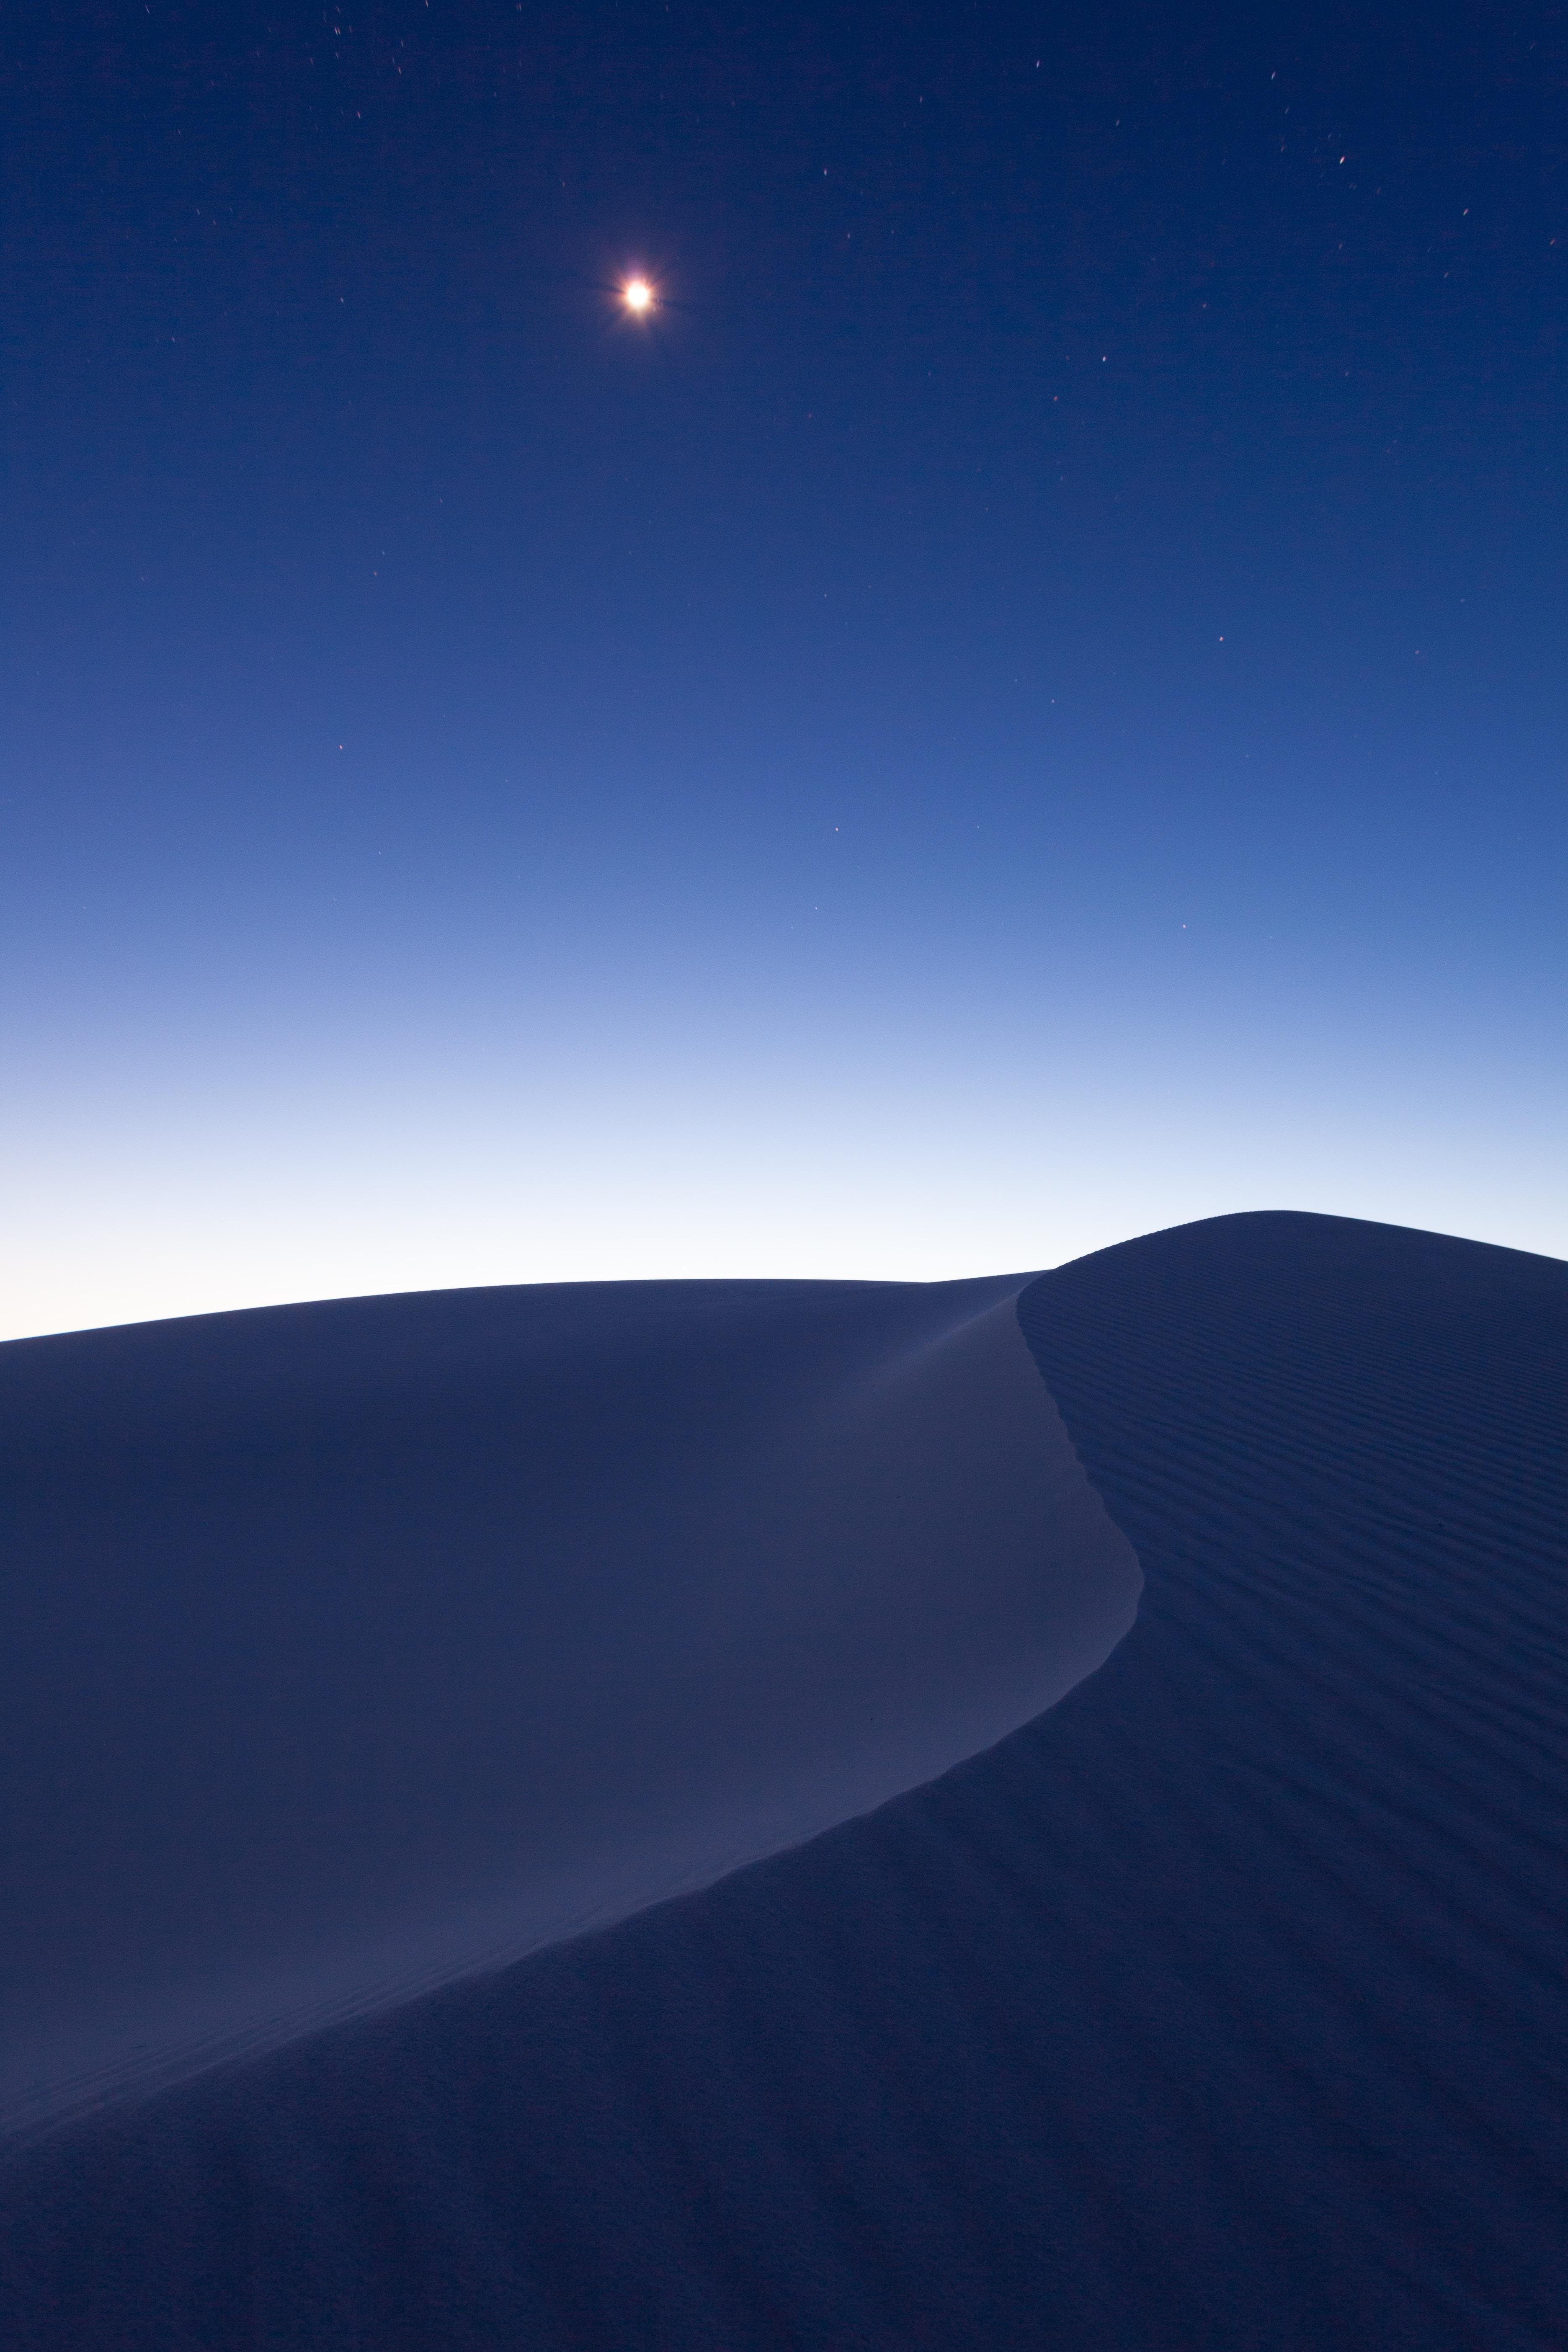 122890 Заставки и Обои Песок на телефон. Скачать Пустыня, Песок, Минимализм, Ночь картинки бесплатно